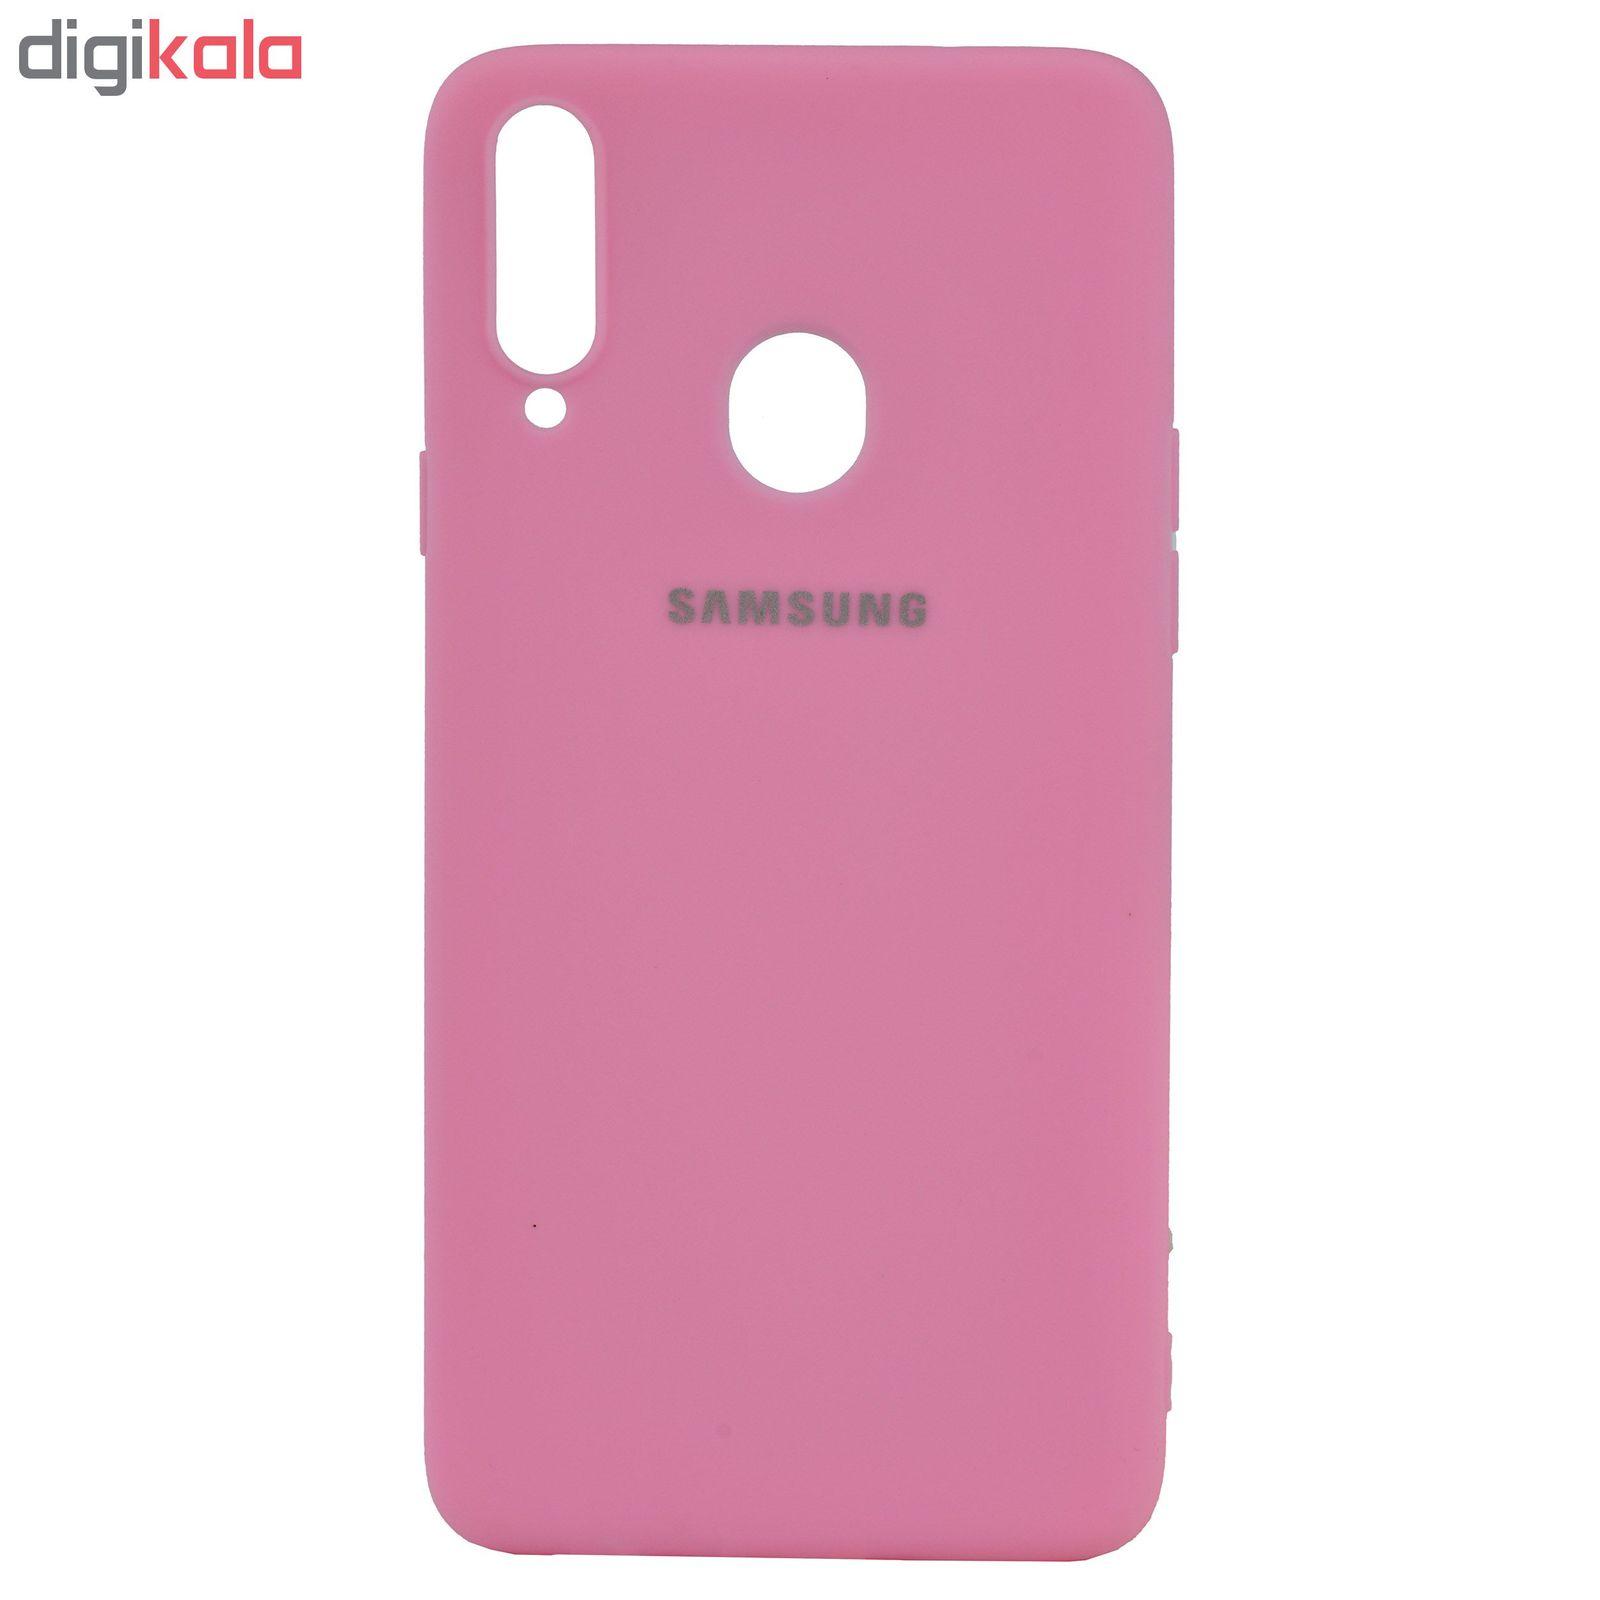 کاور مدل SC20 مناسب برای گوشی موبایل سامسونگ Galaxy A20s main 1 4